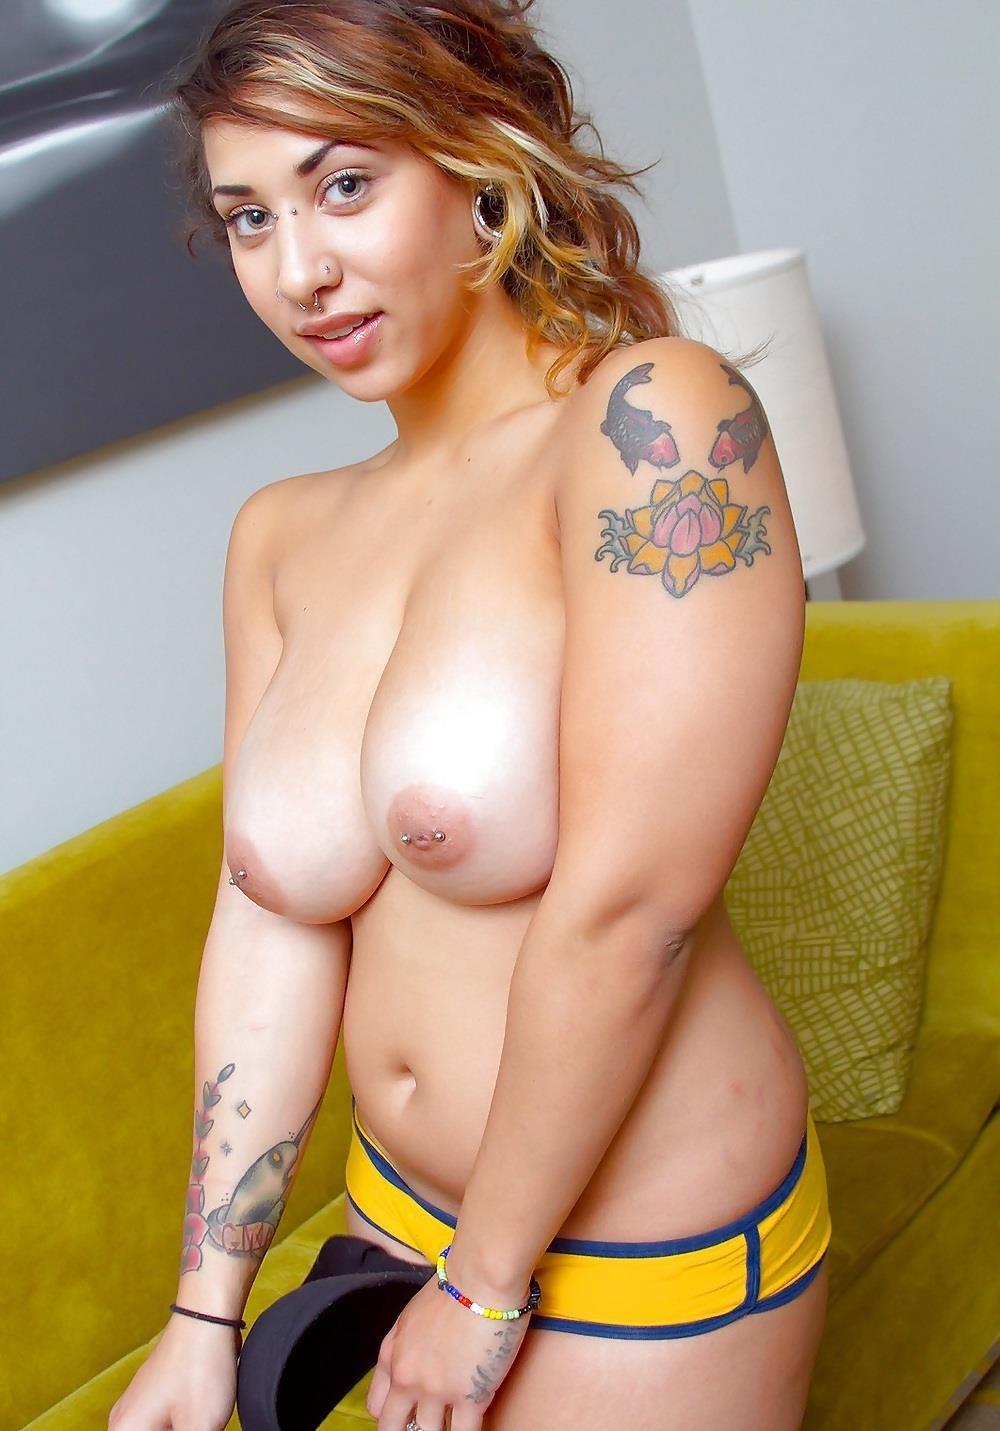 Teen girls big boobs pics-7293